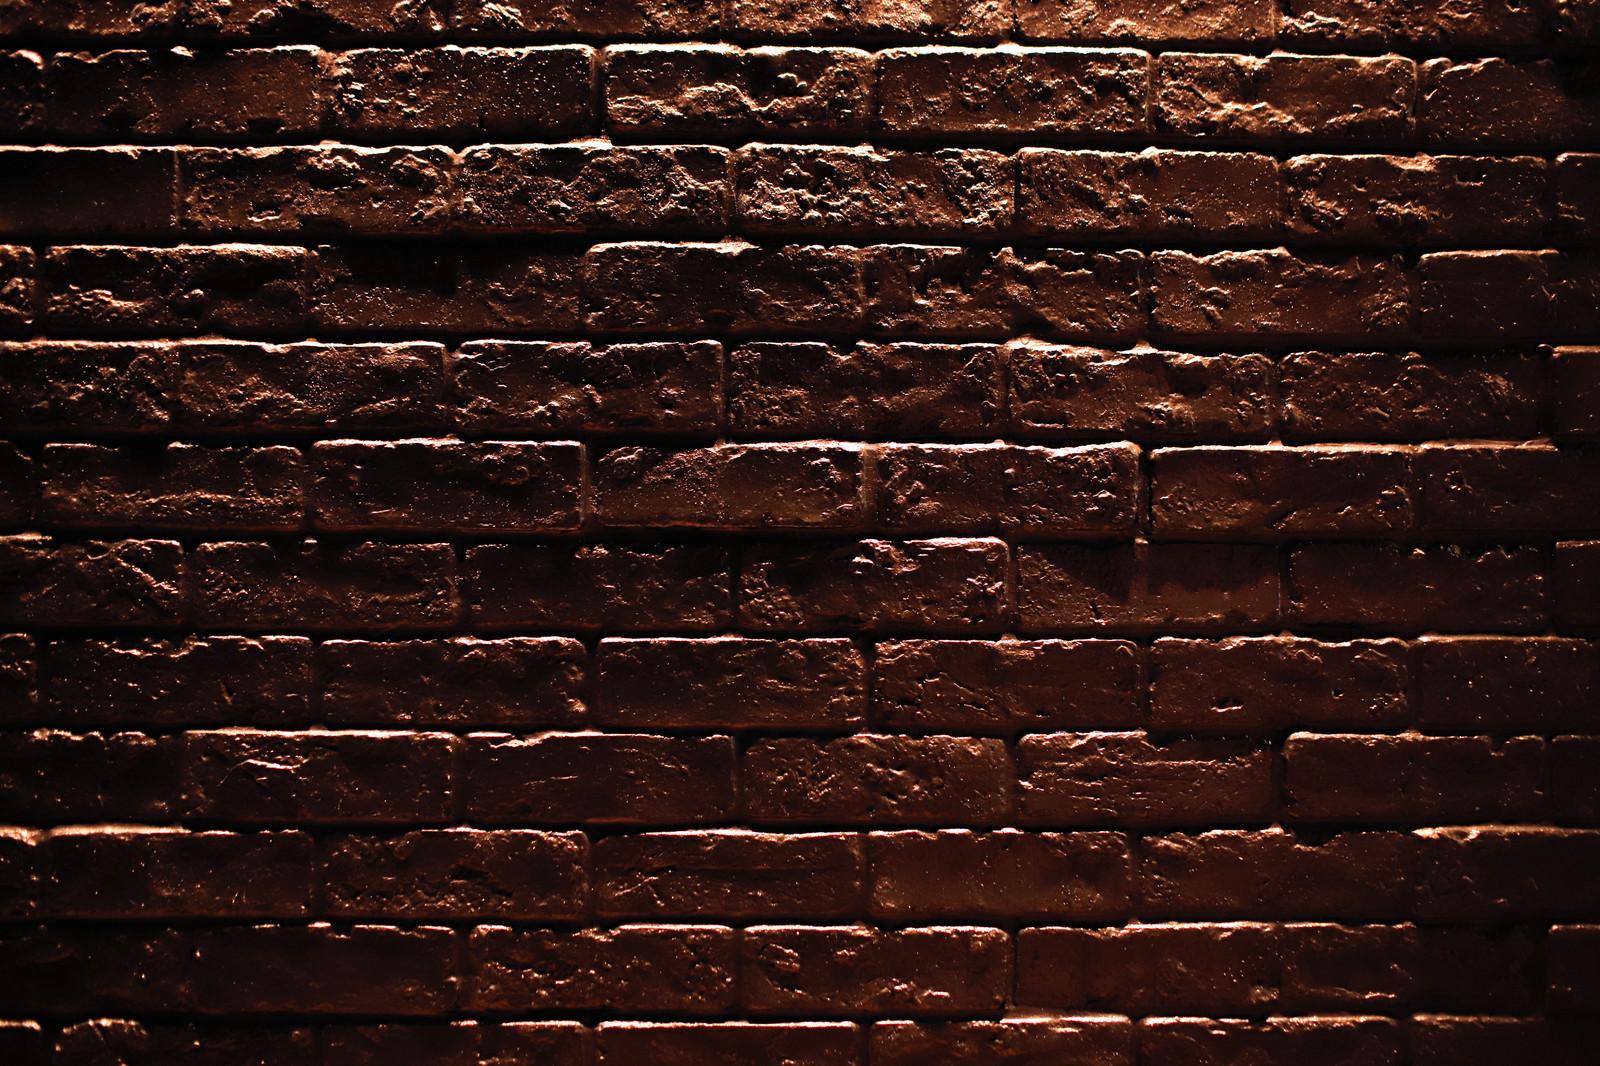 「暗闇に浮かび上がるレンガの壁(テクスチャ)」の写真